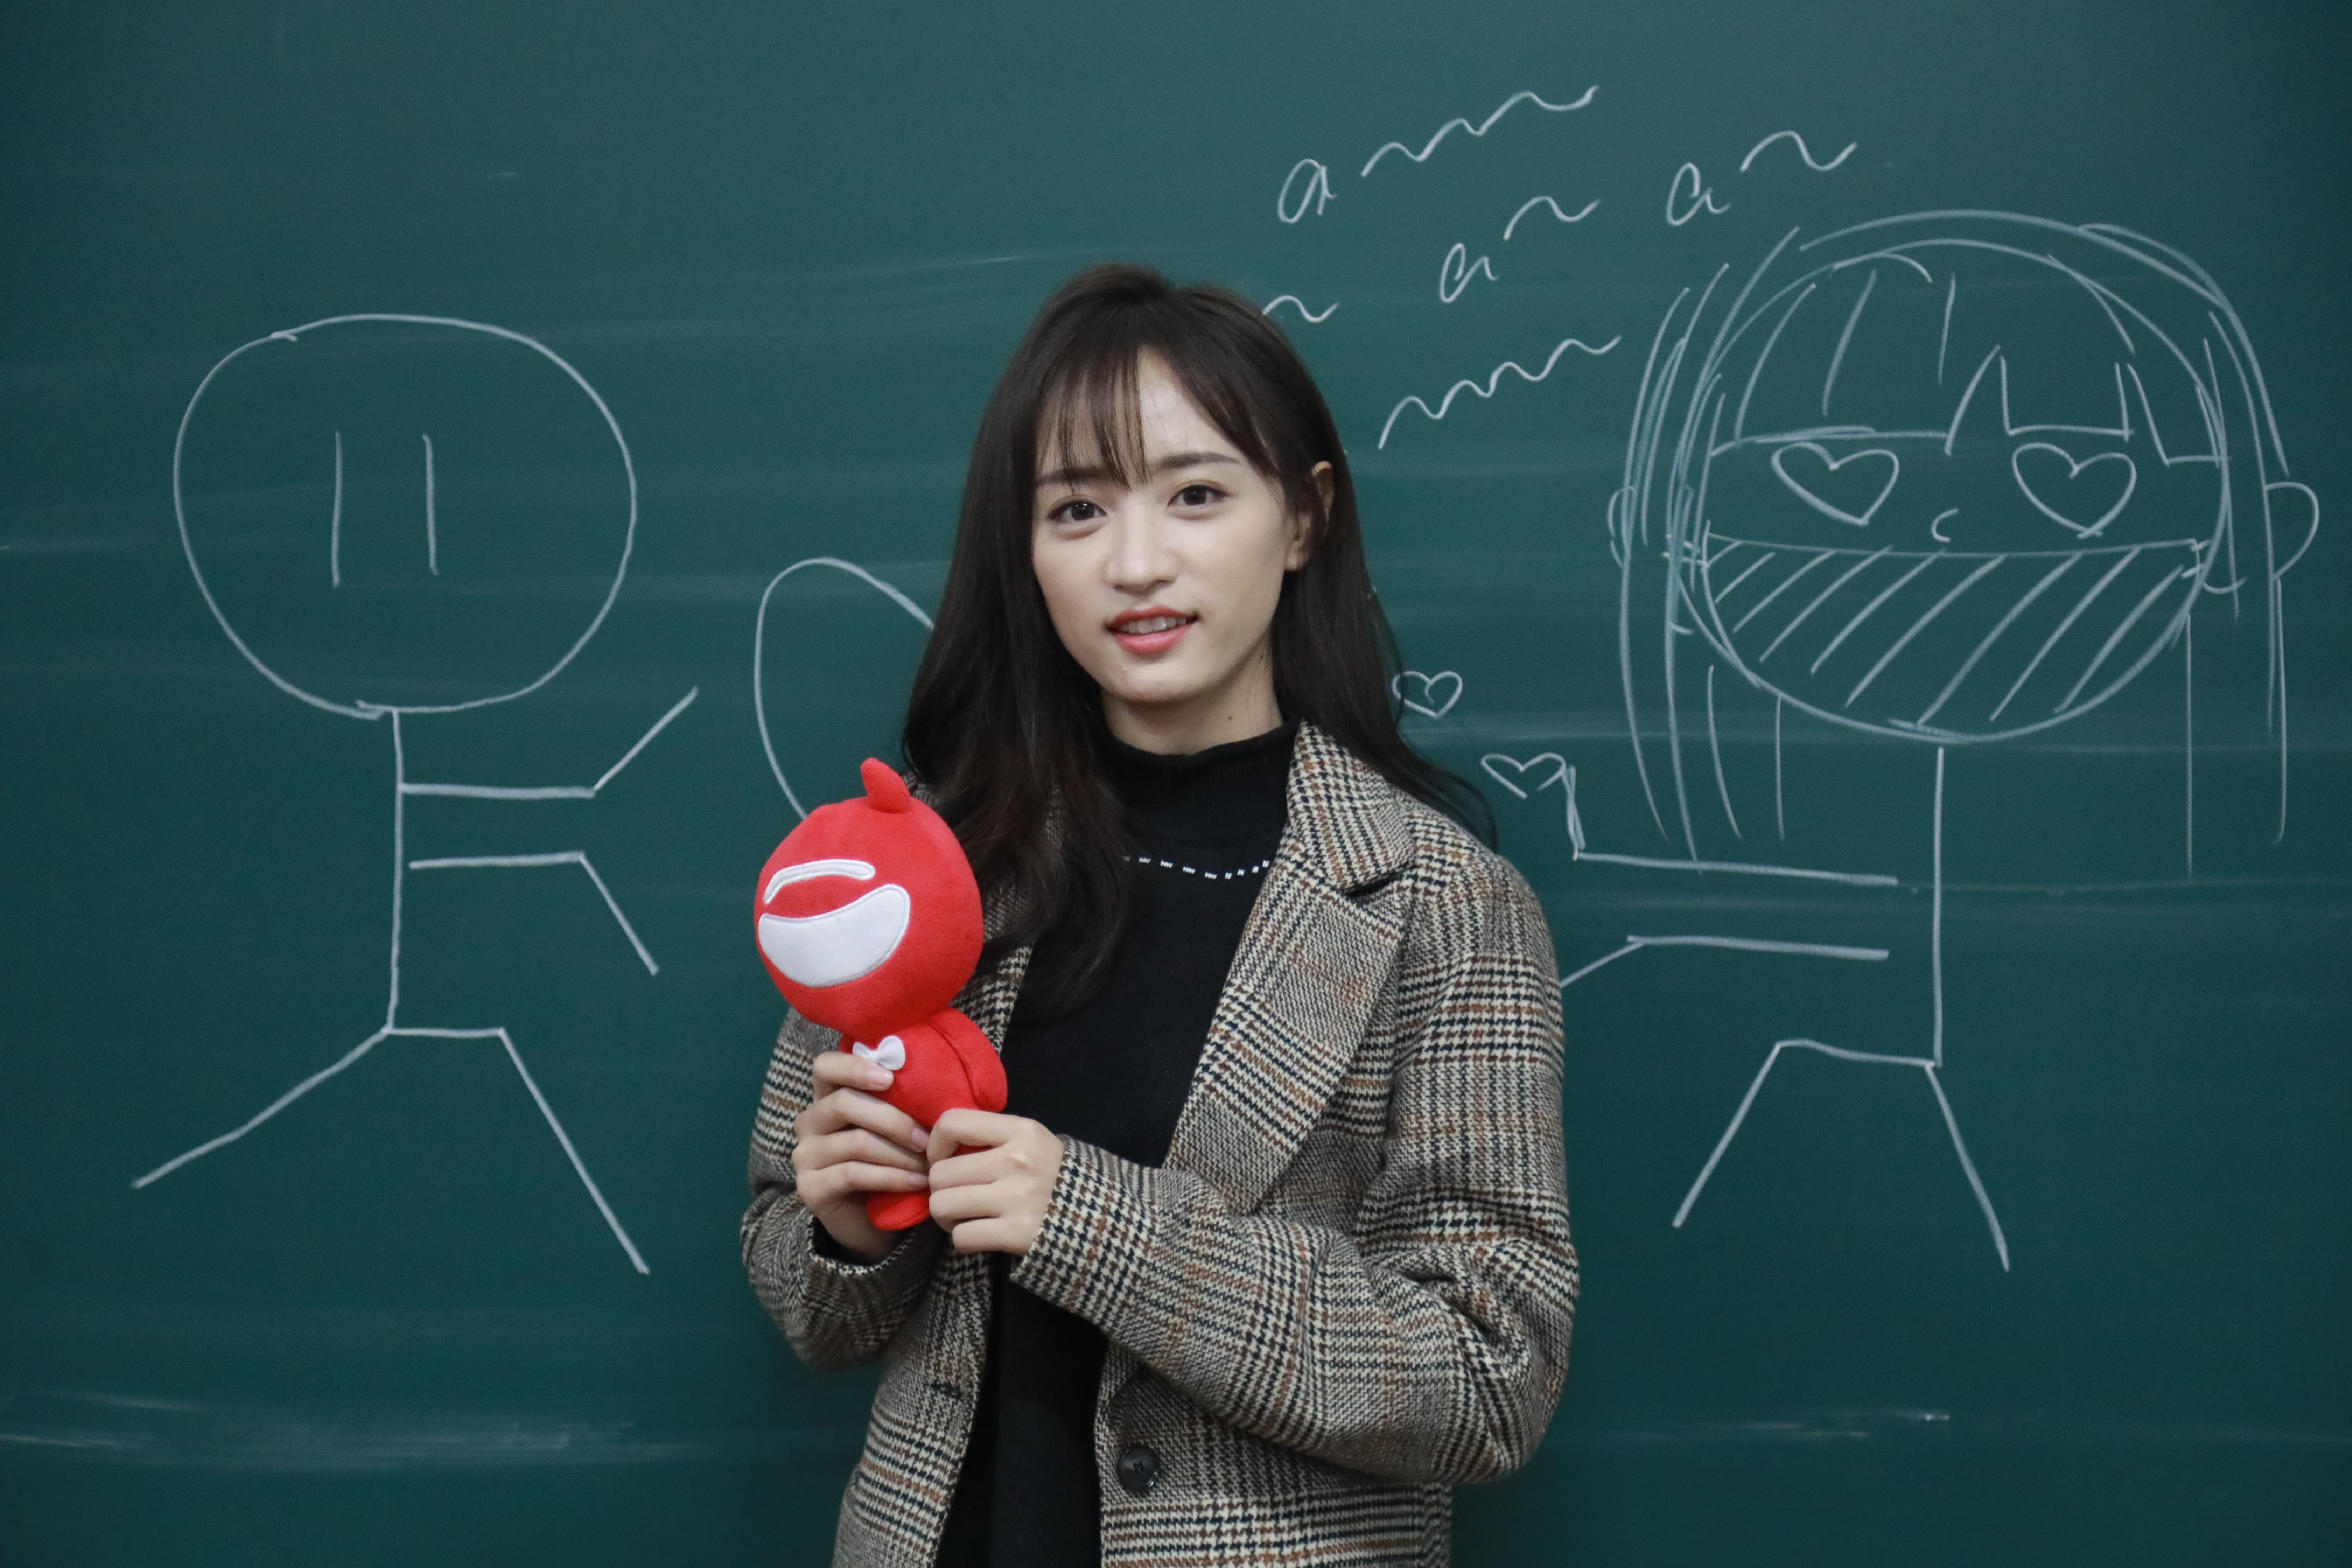 娱乐新鲜派|SNH48黄婷婷:为音乐梦想不懈努力